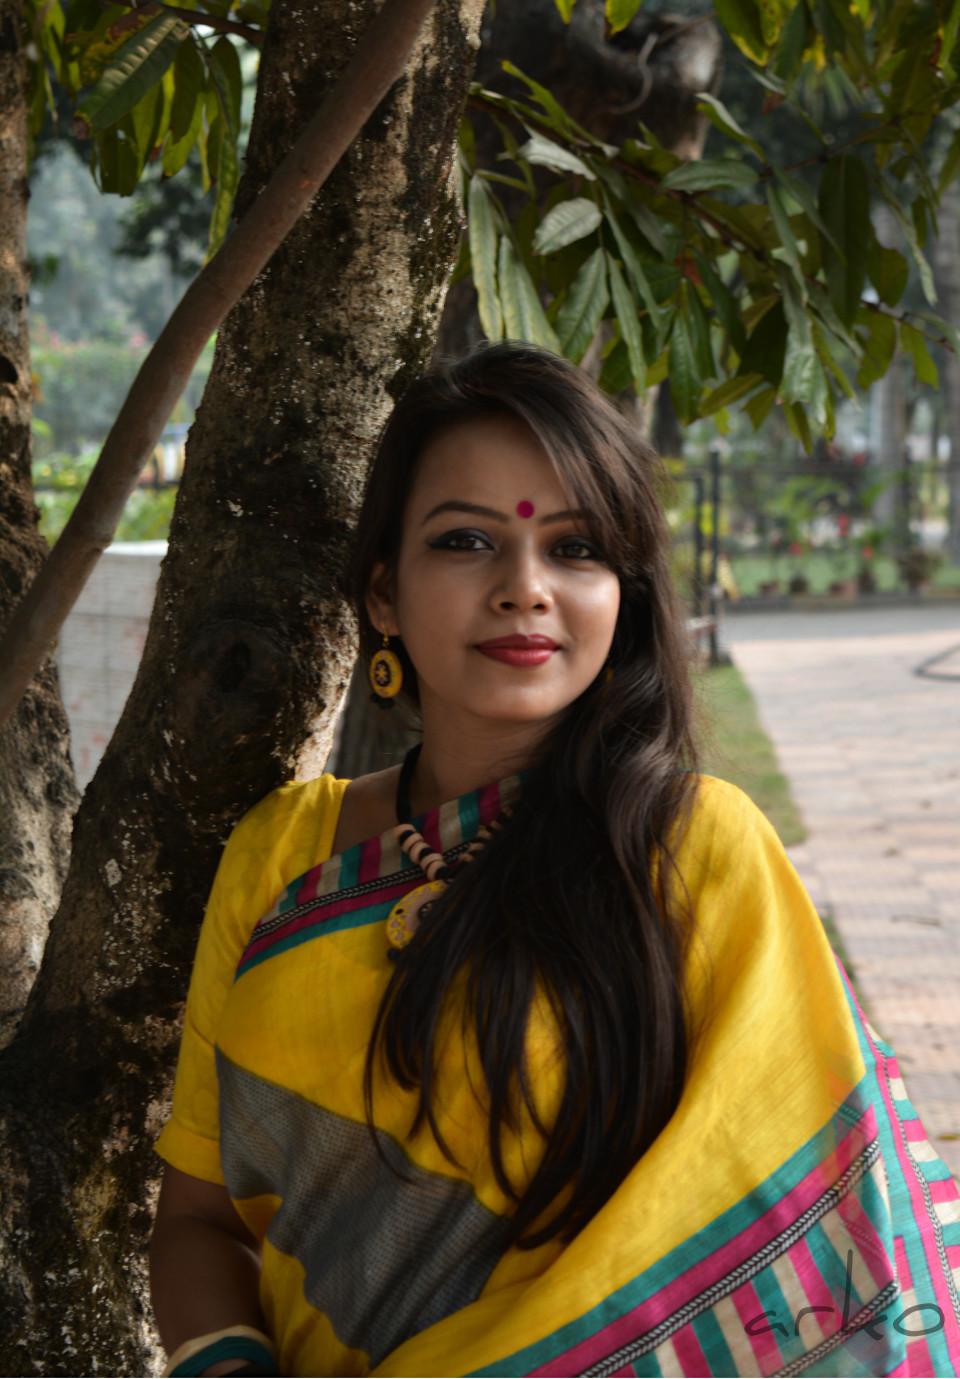 saraswati puja outfit day beautifully